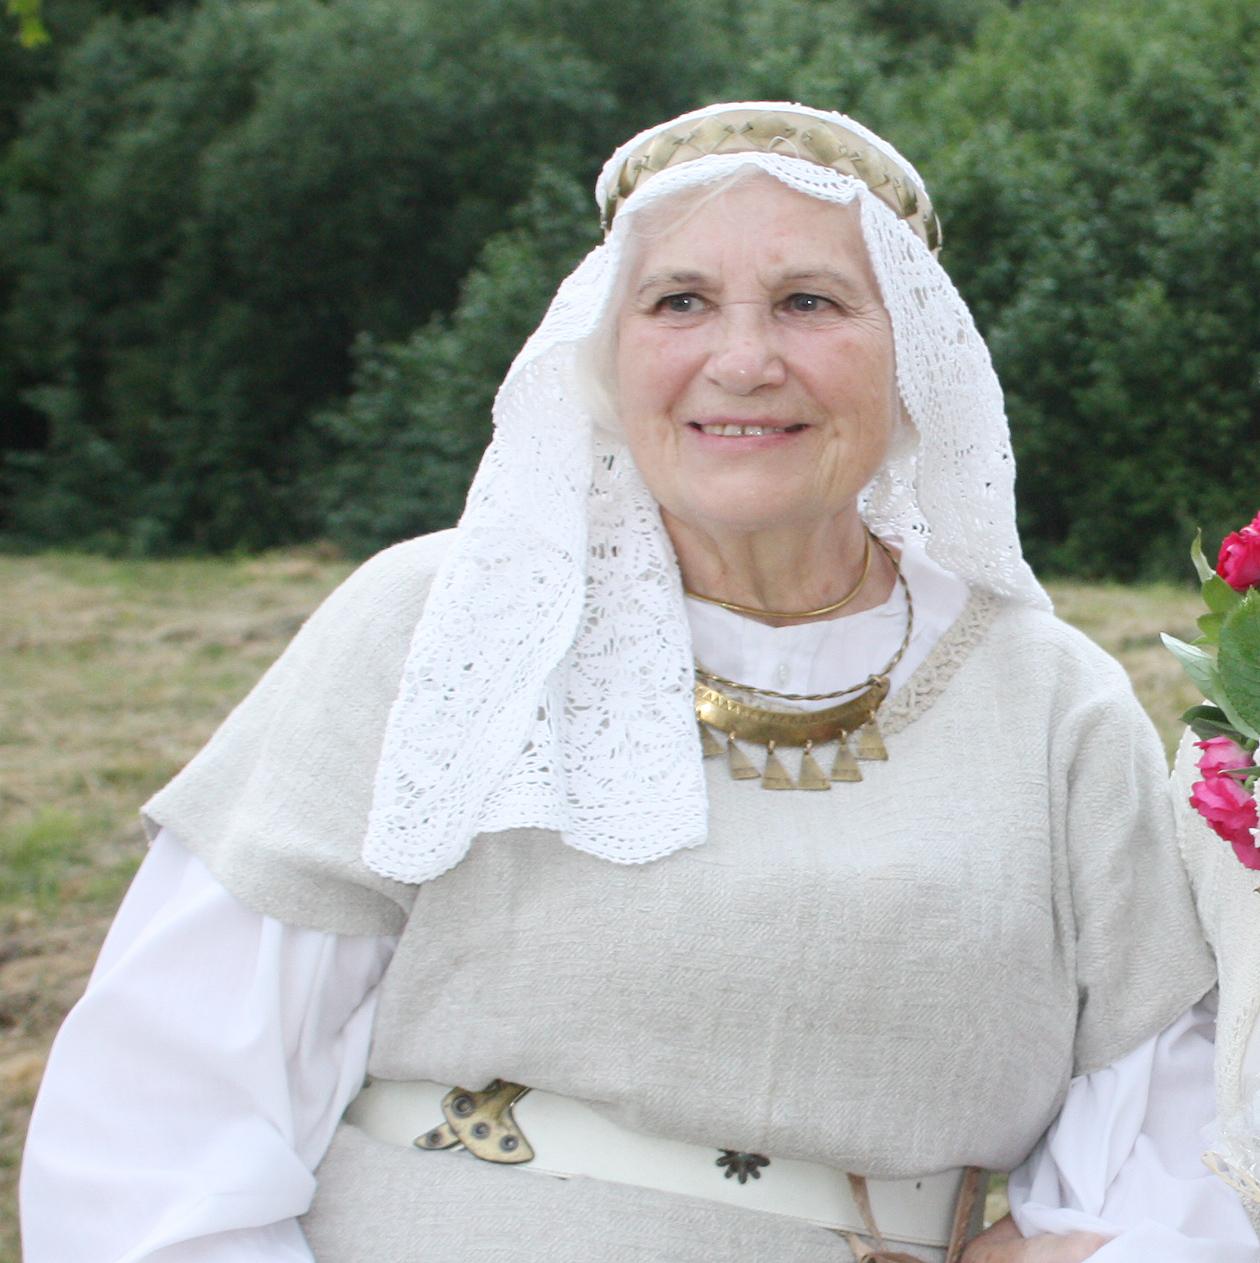 Lietuvos totorių tautos istorija ir jos žymės Elektrėnų krašte